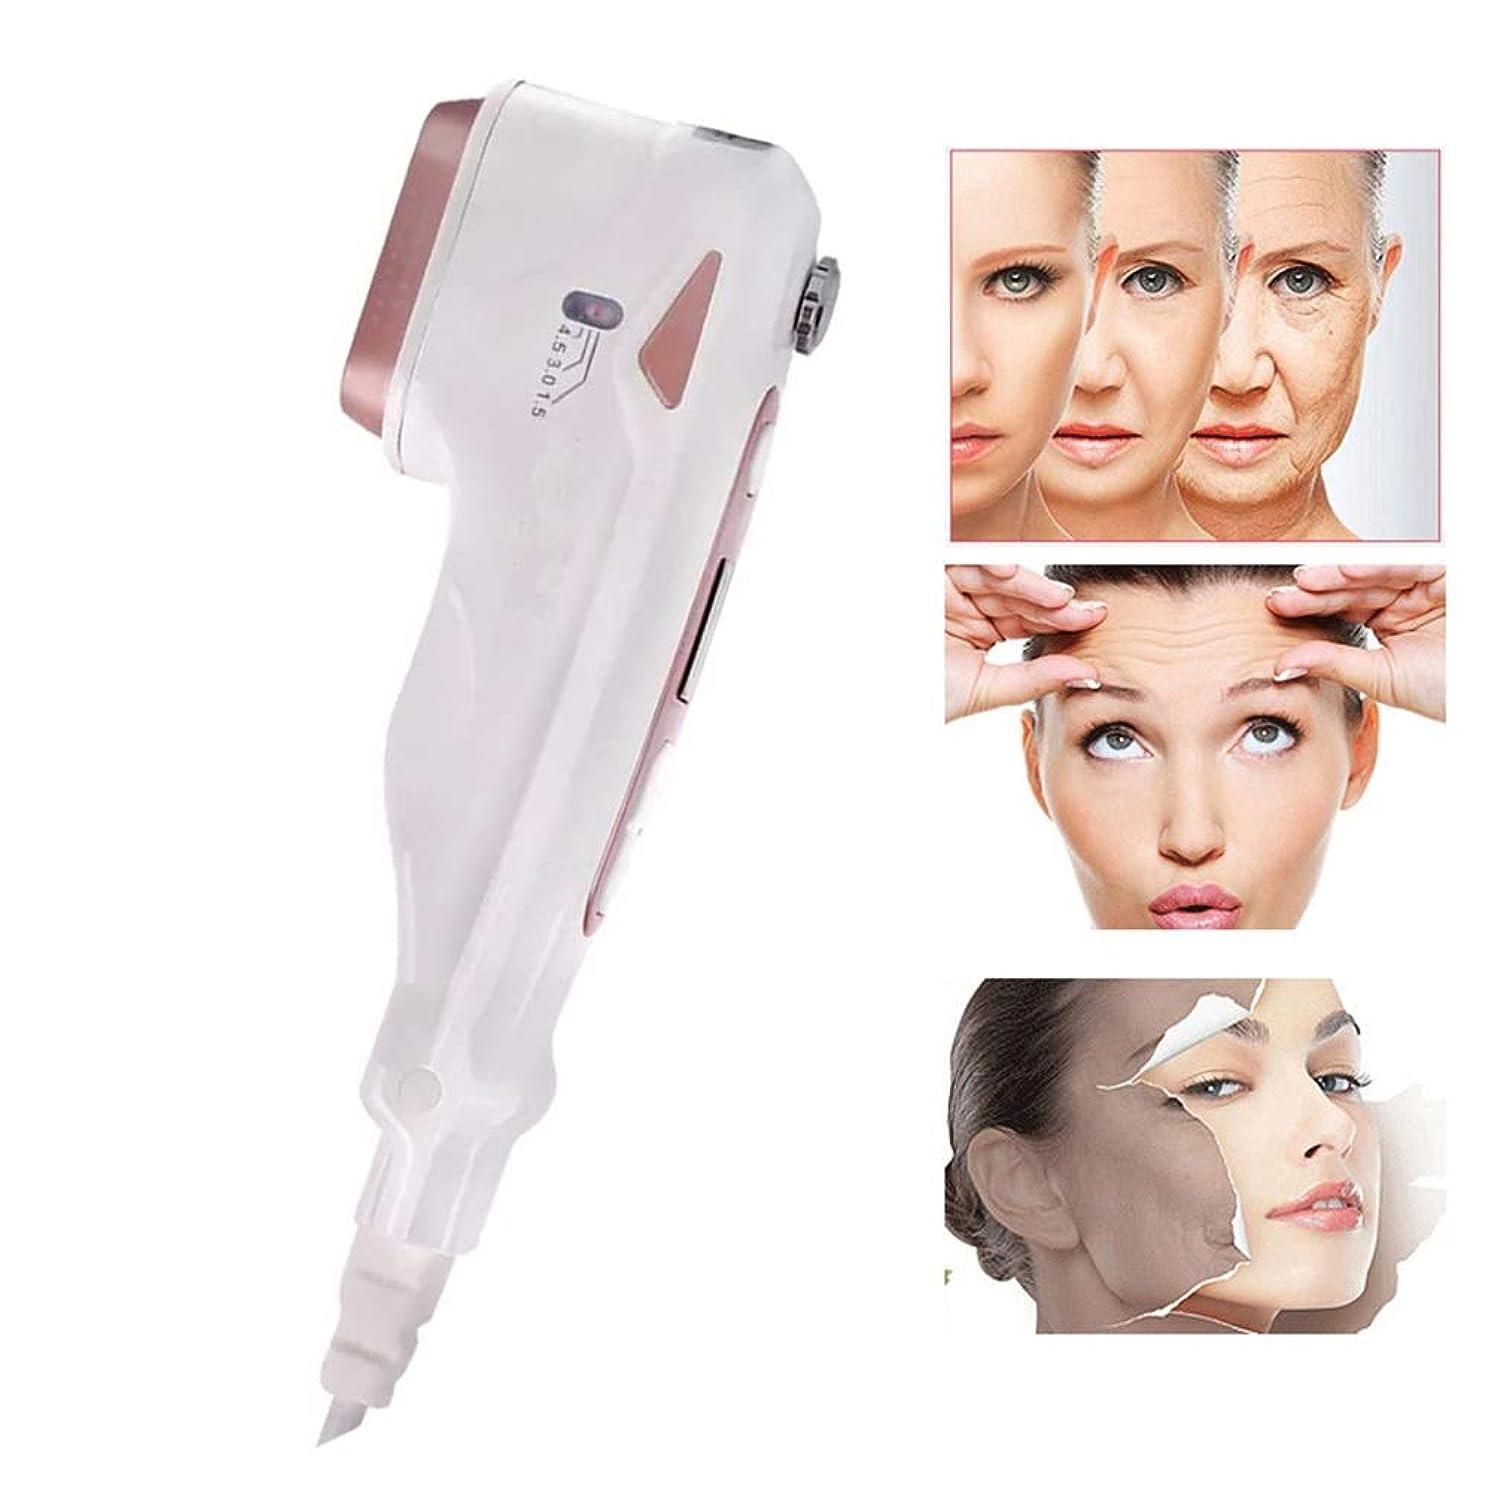 いじめっ子一元化する履歴書皮の若返りの取り外しのしわの反老化のスキンケアの表面上昇の美顔術機械のためのHIFU RFの無線周波数の美顔術機械